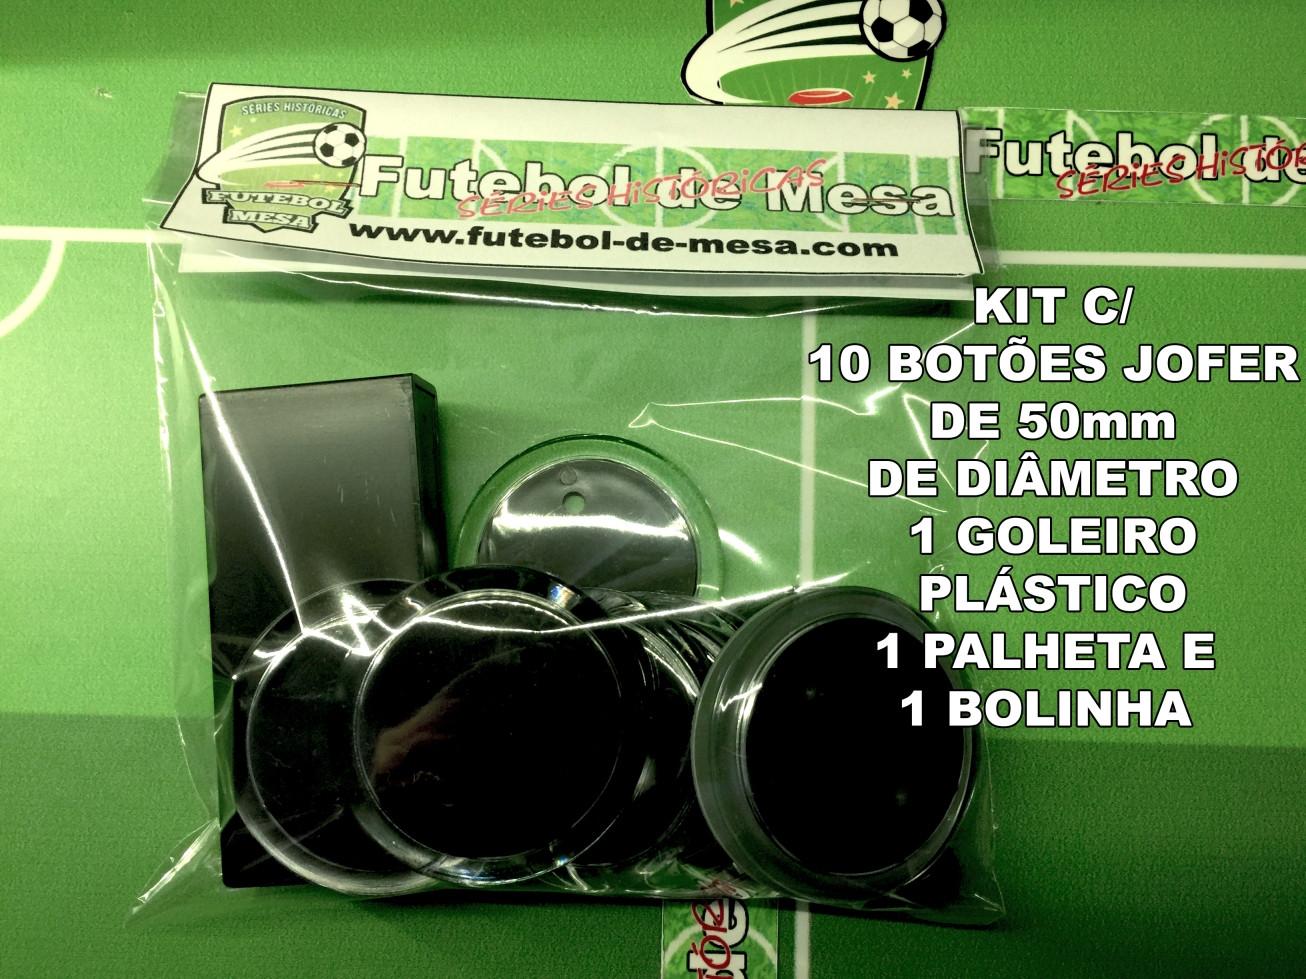 Kit c/ 10 botões jofer de 50mm + 1 goleiro + 1 palheta + 1 bolinha